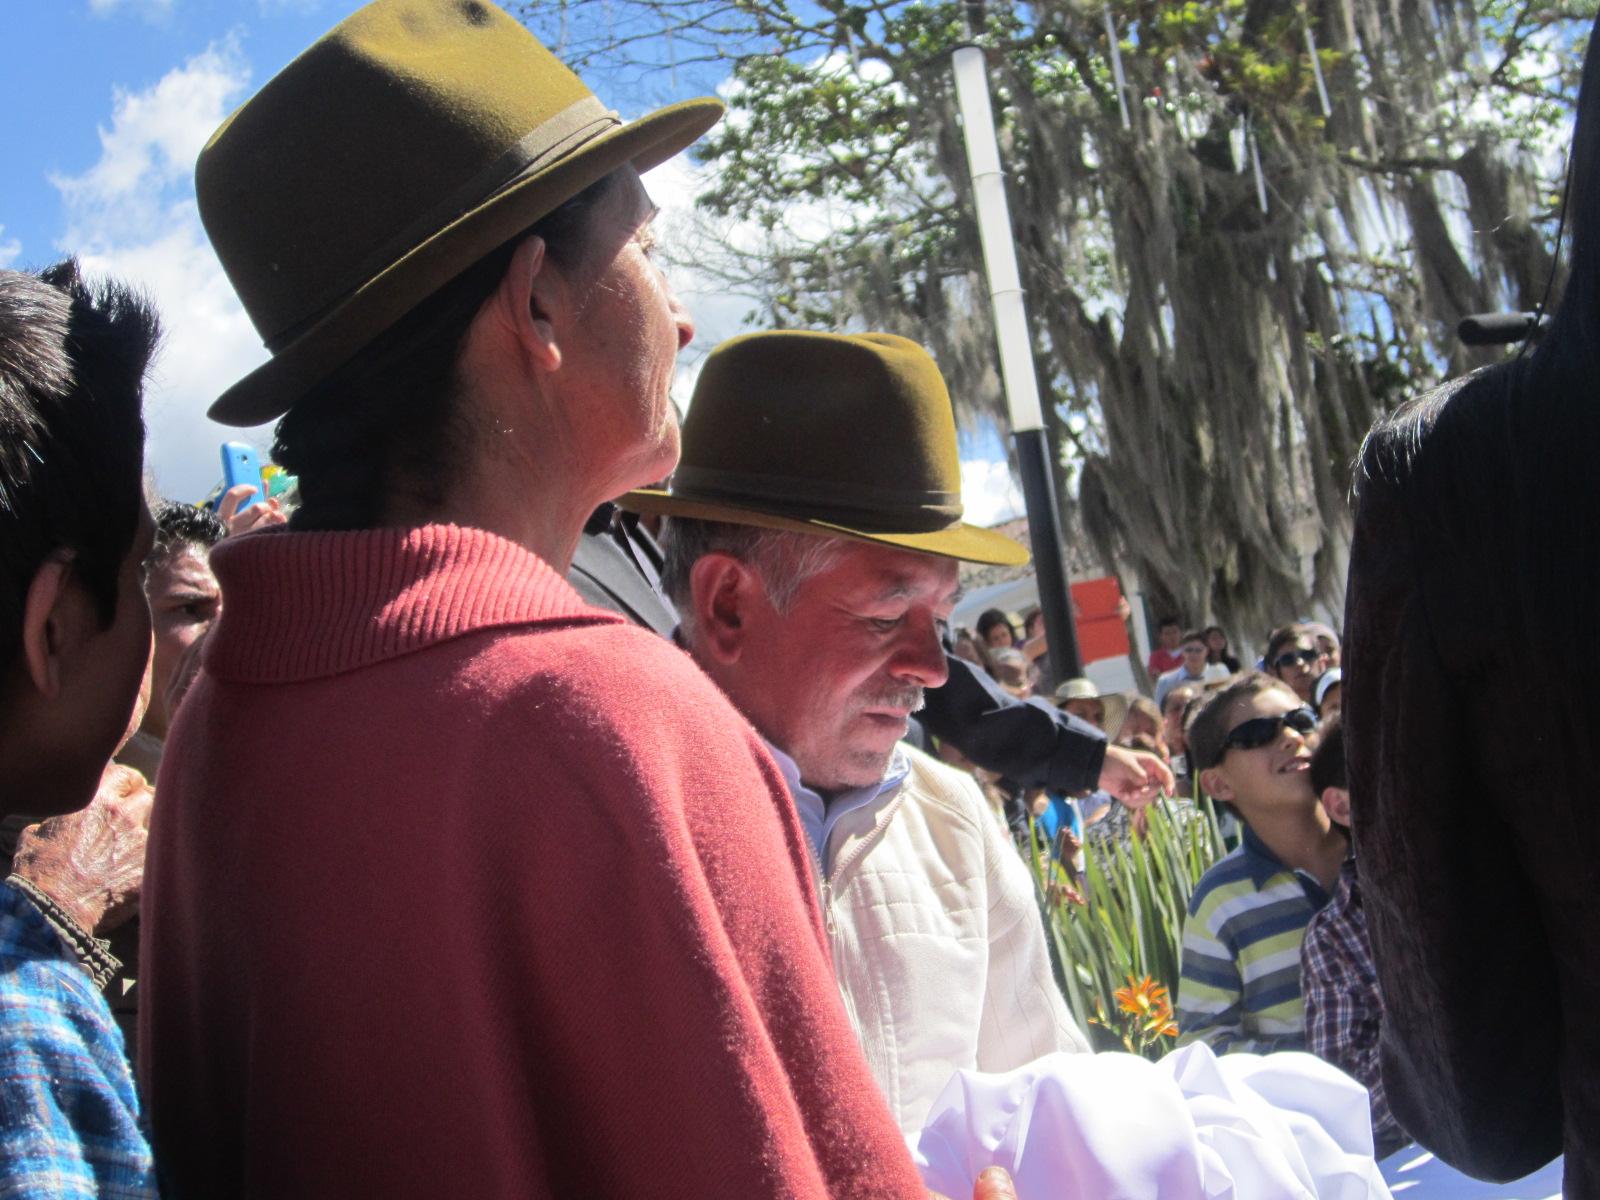 Vemos y escuchamos sincero homenaje al ciclista - Maria del carmen castro ...